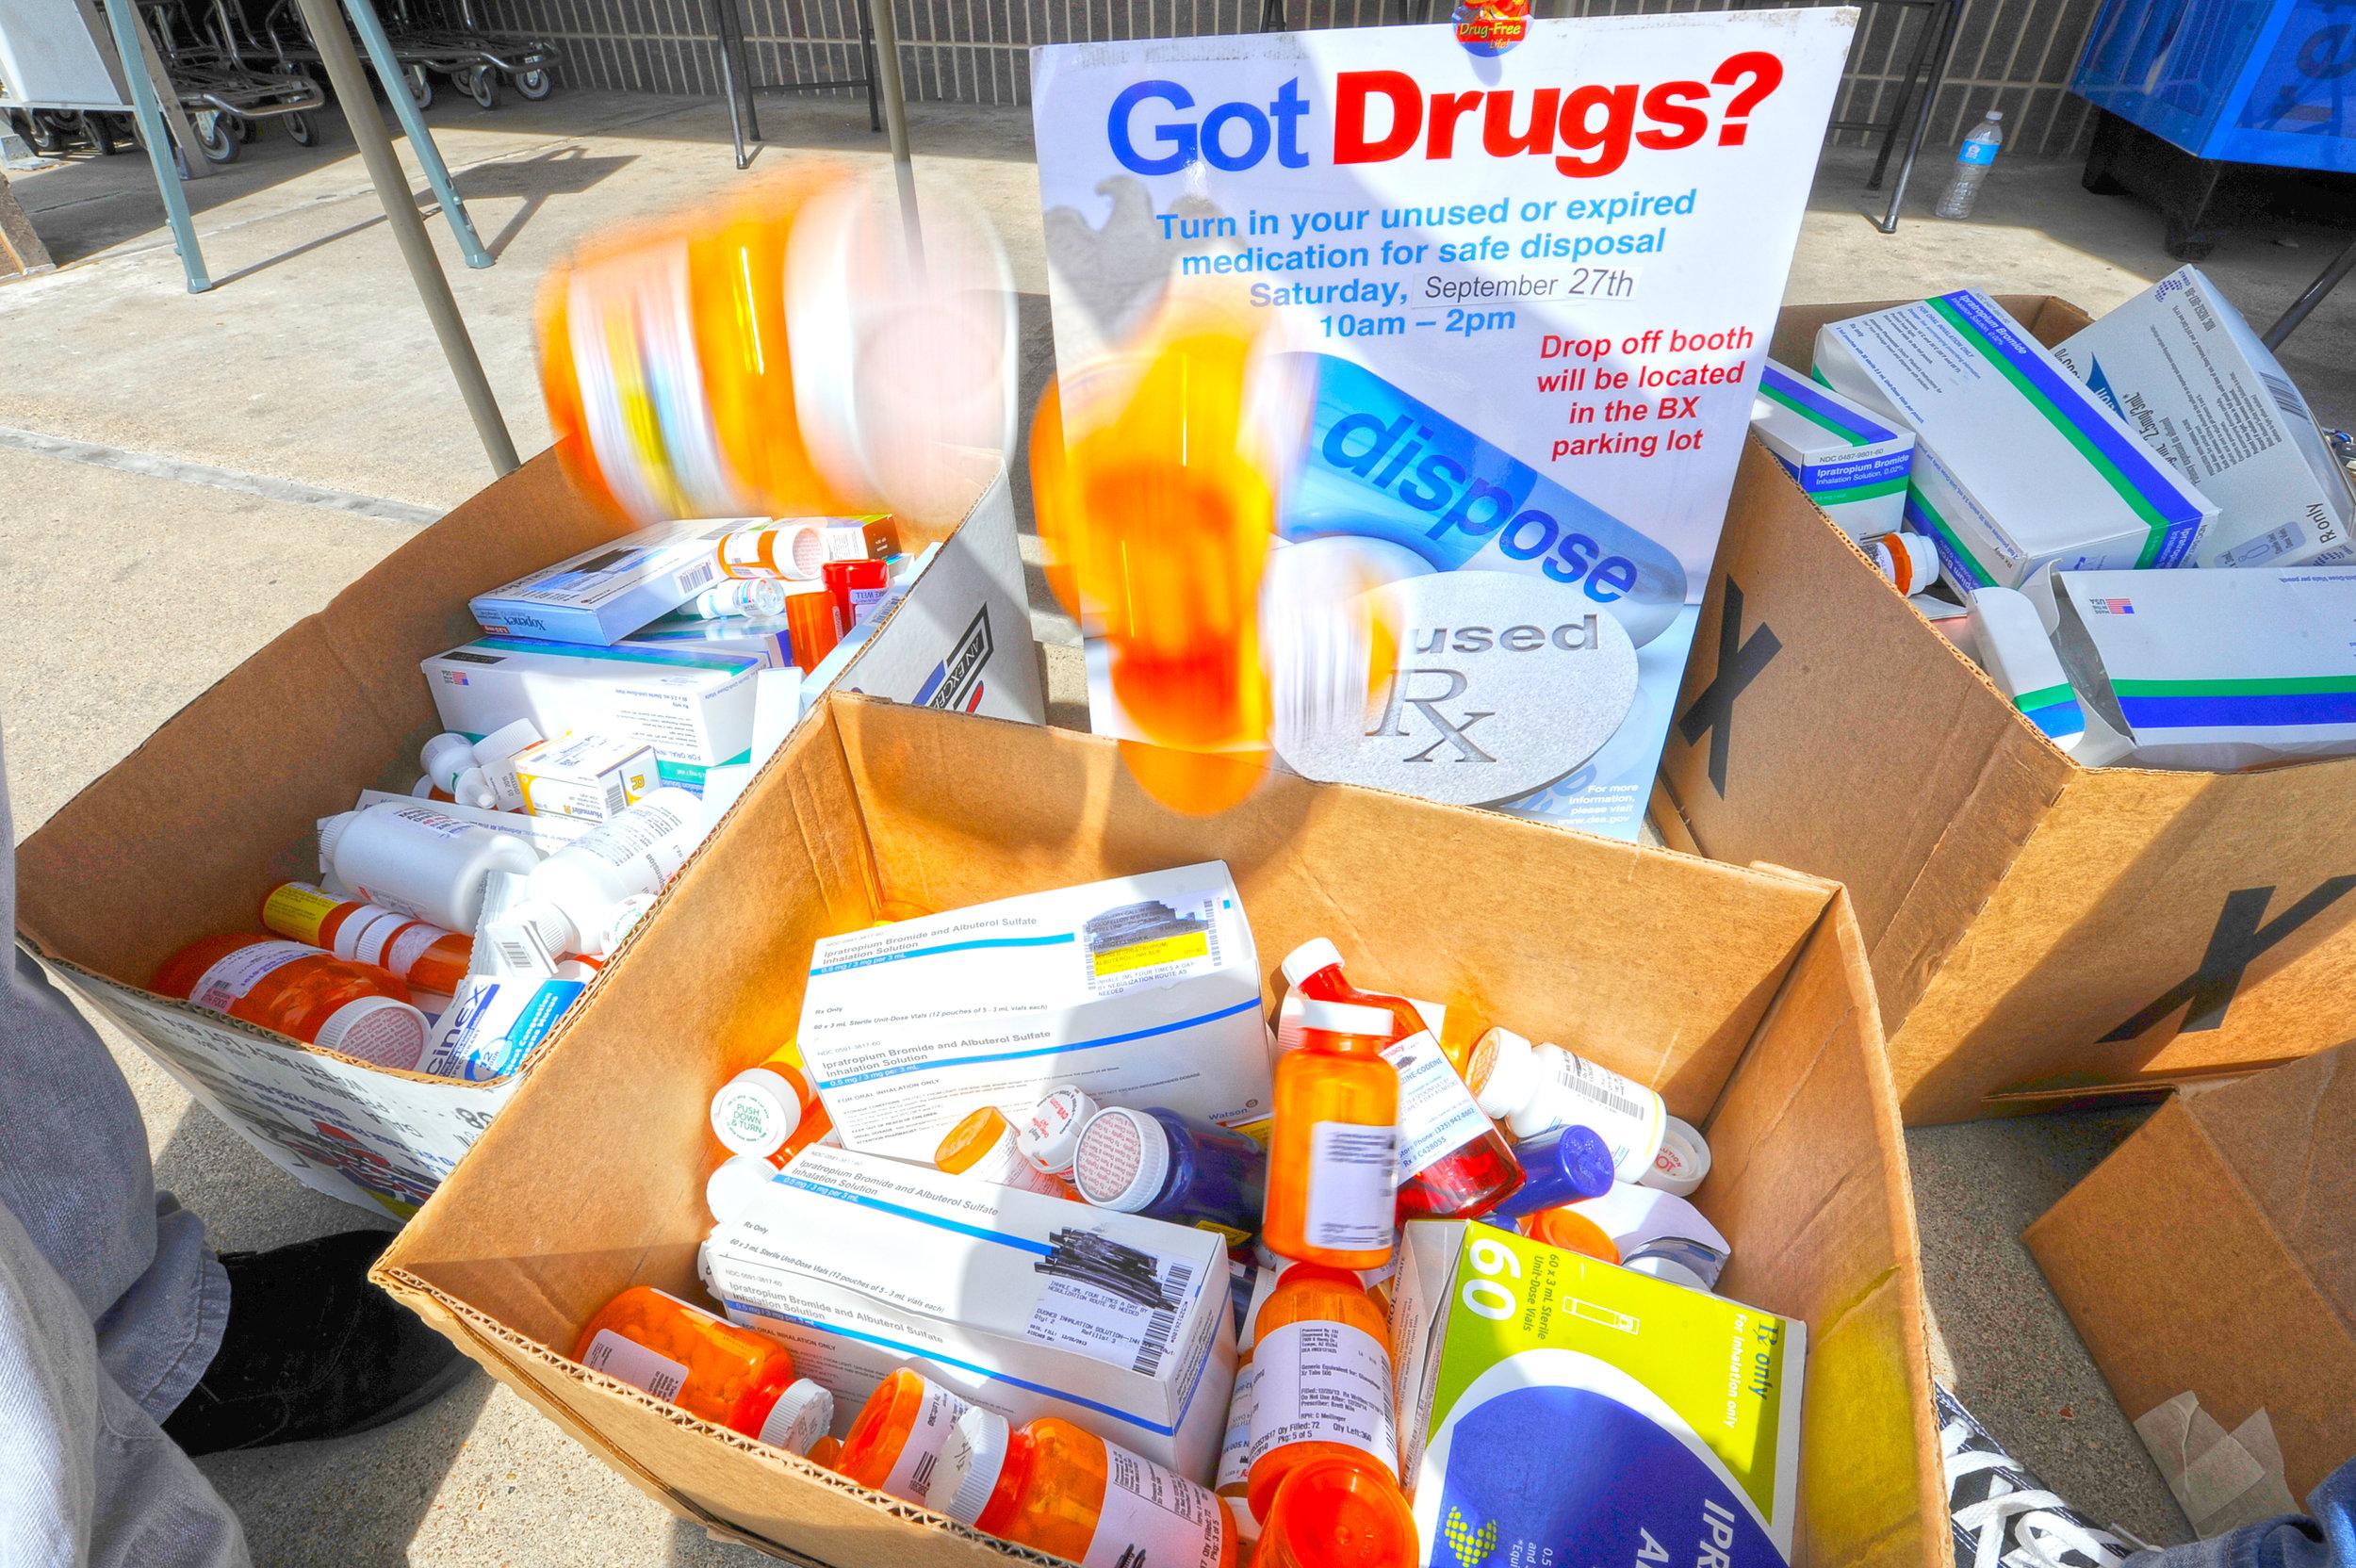 drug take back image.JPG